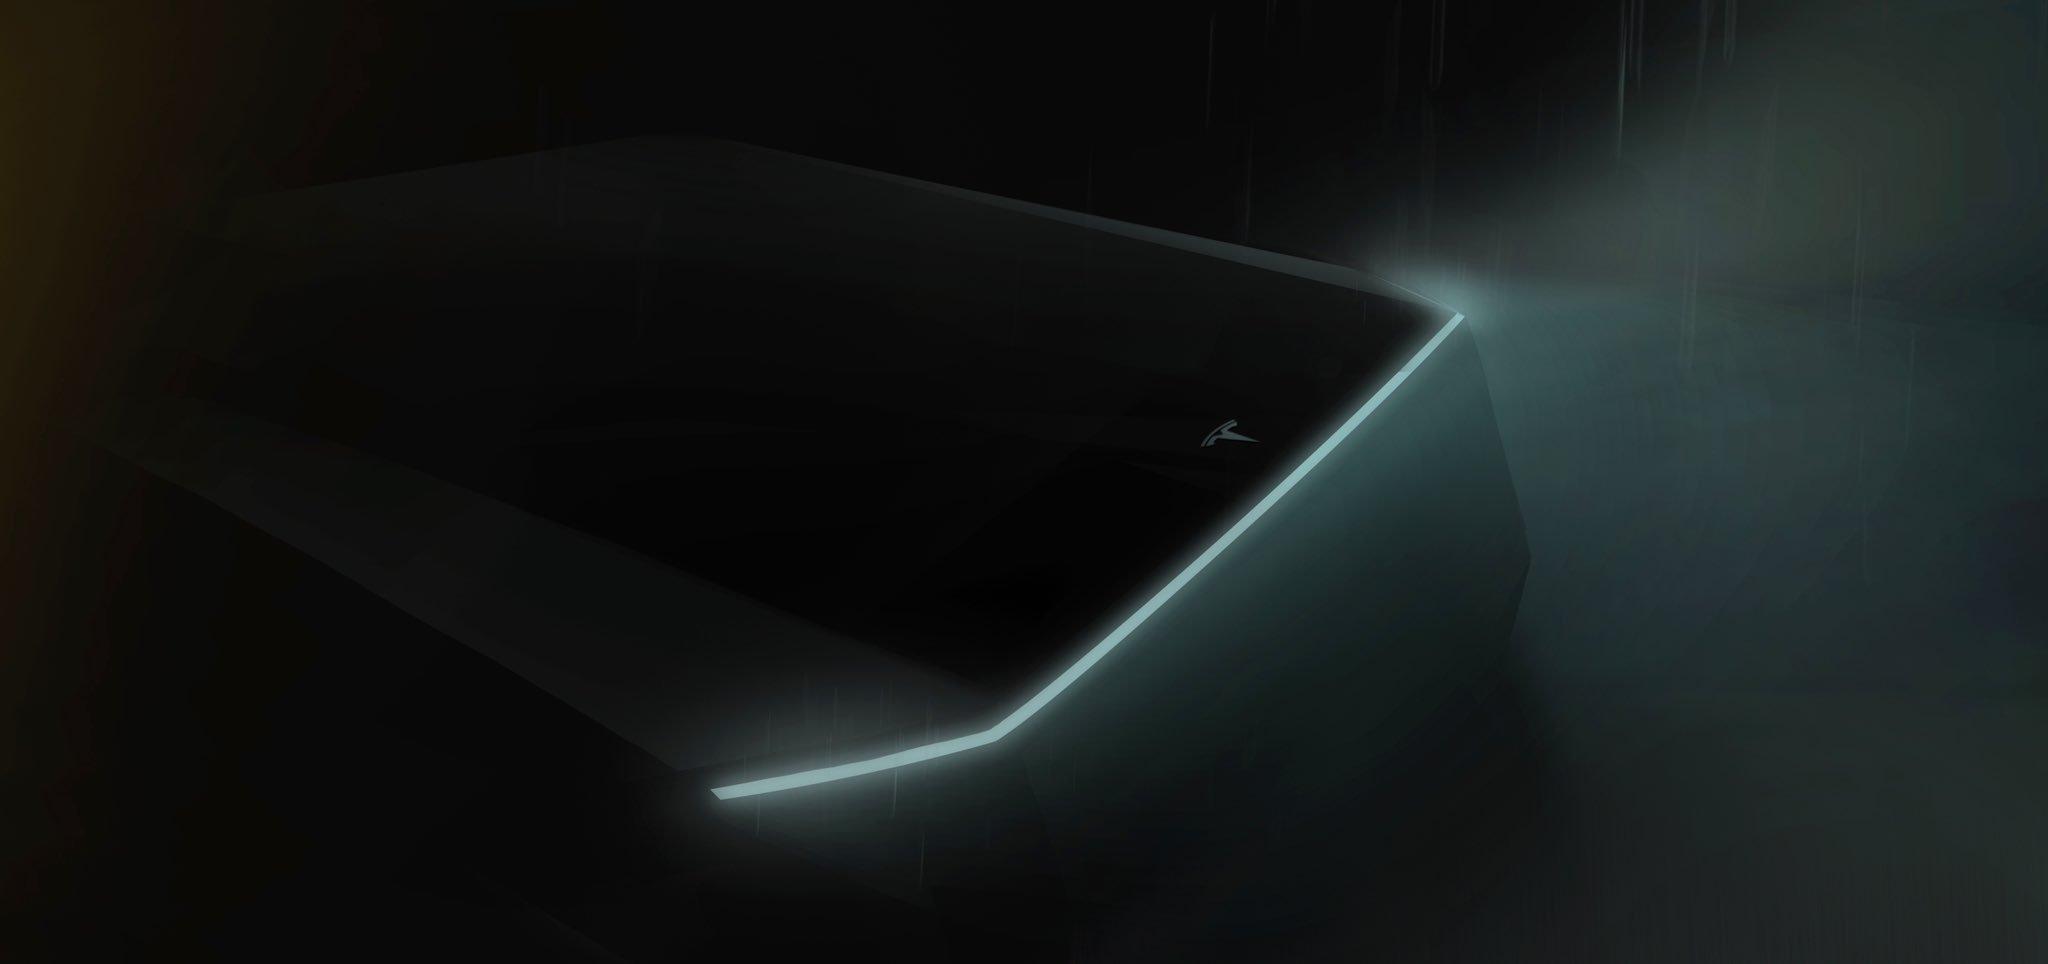 Tesla Cybertruck : Elon Musk peut-il séduire l'armée américaine avec son pickup électrique ?